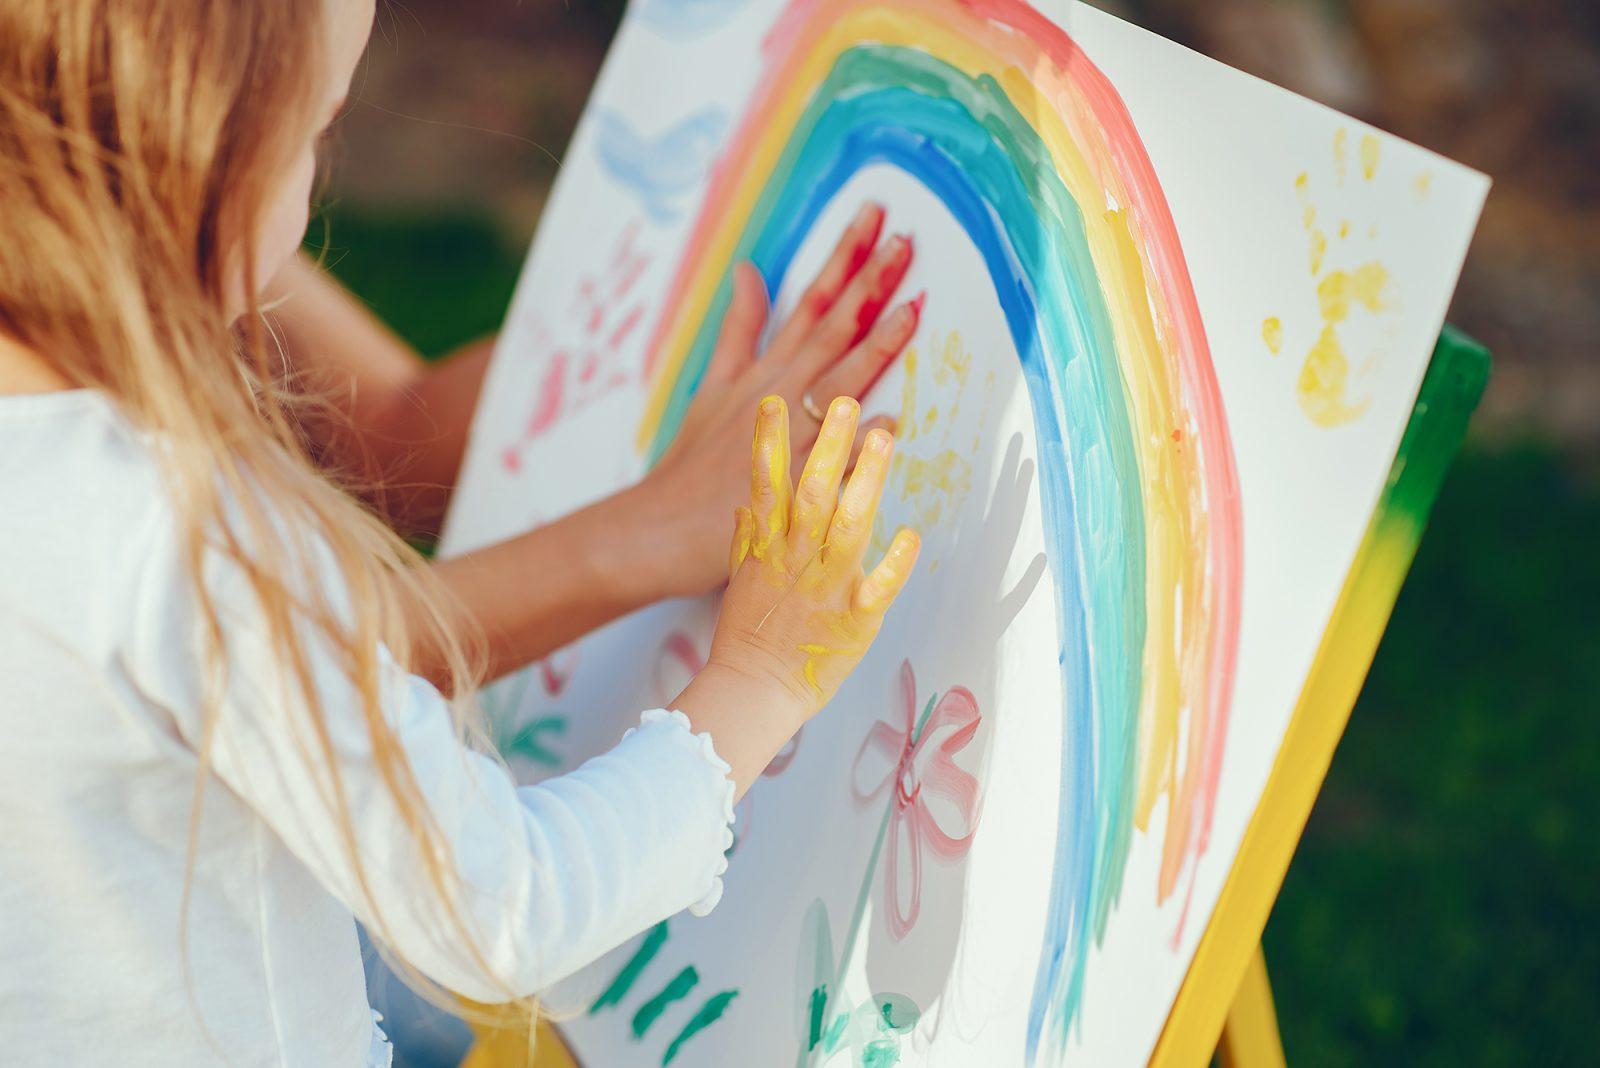 szőke hajú kislány fest kézzel